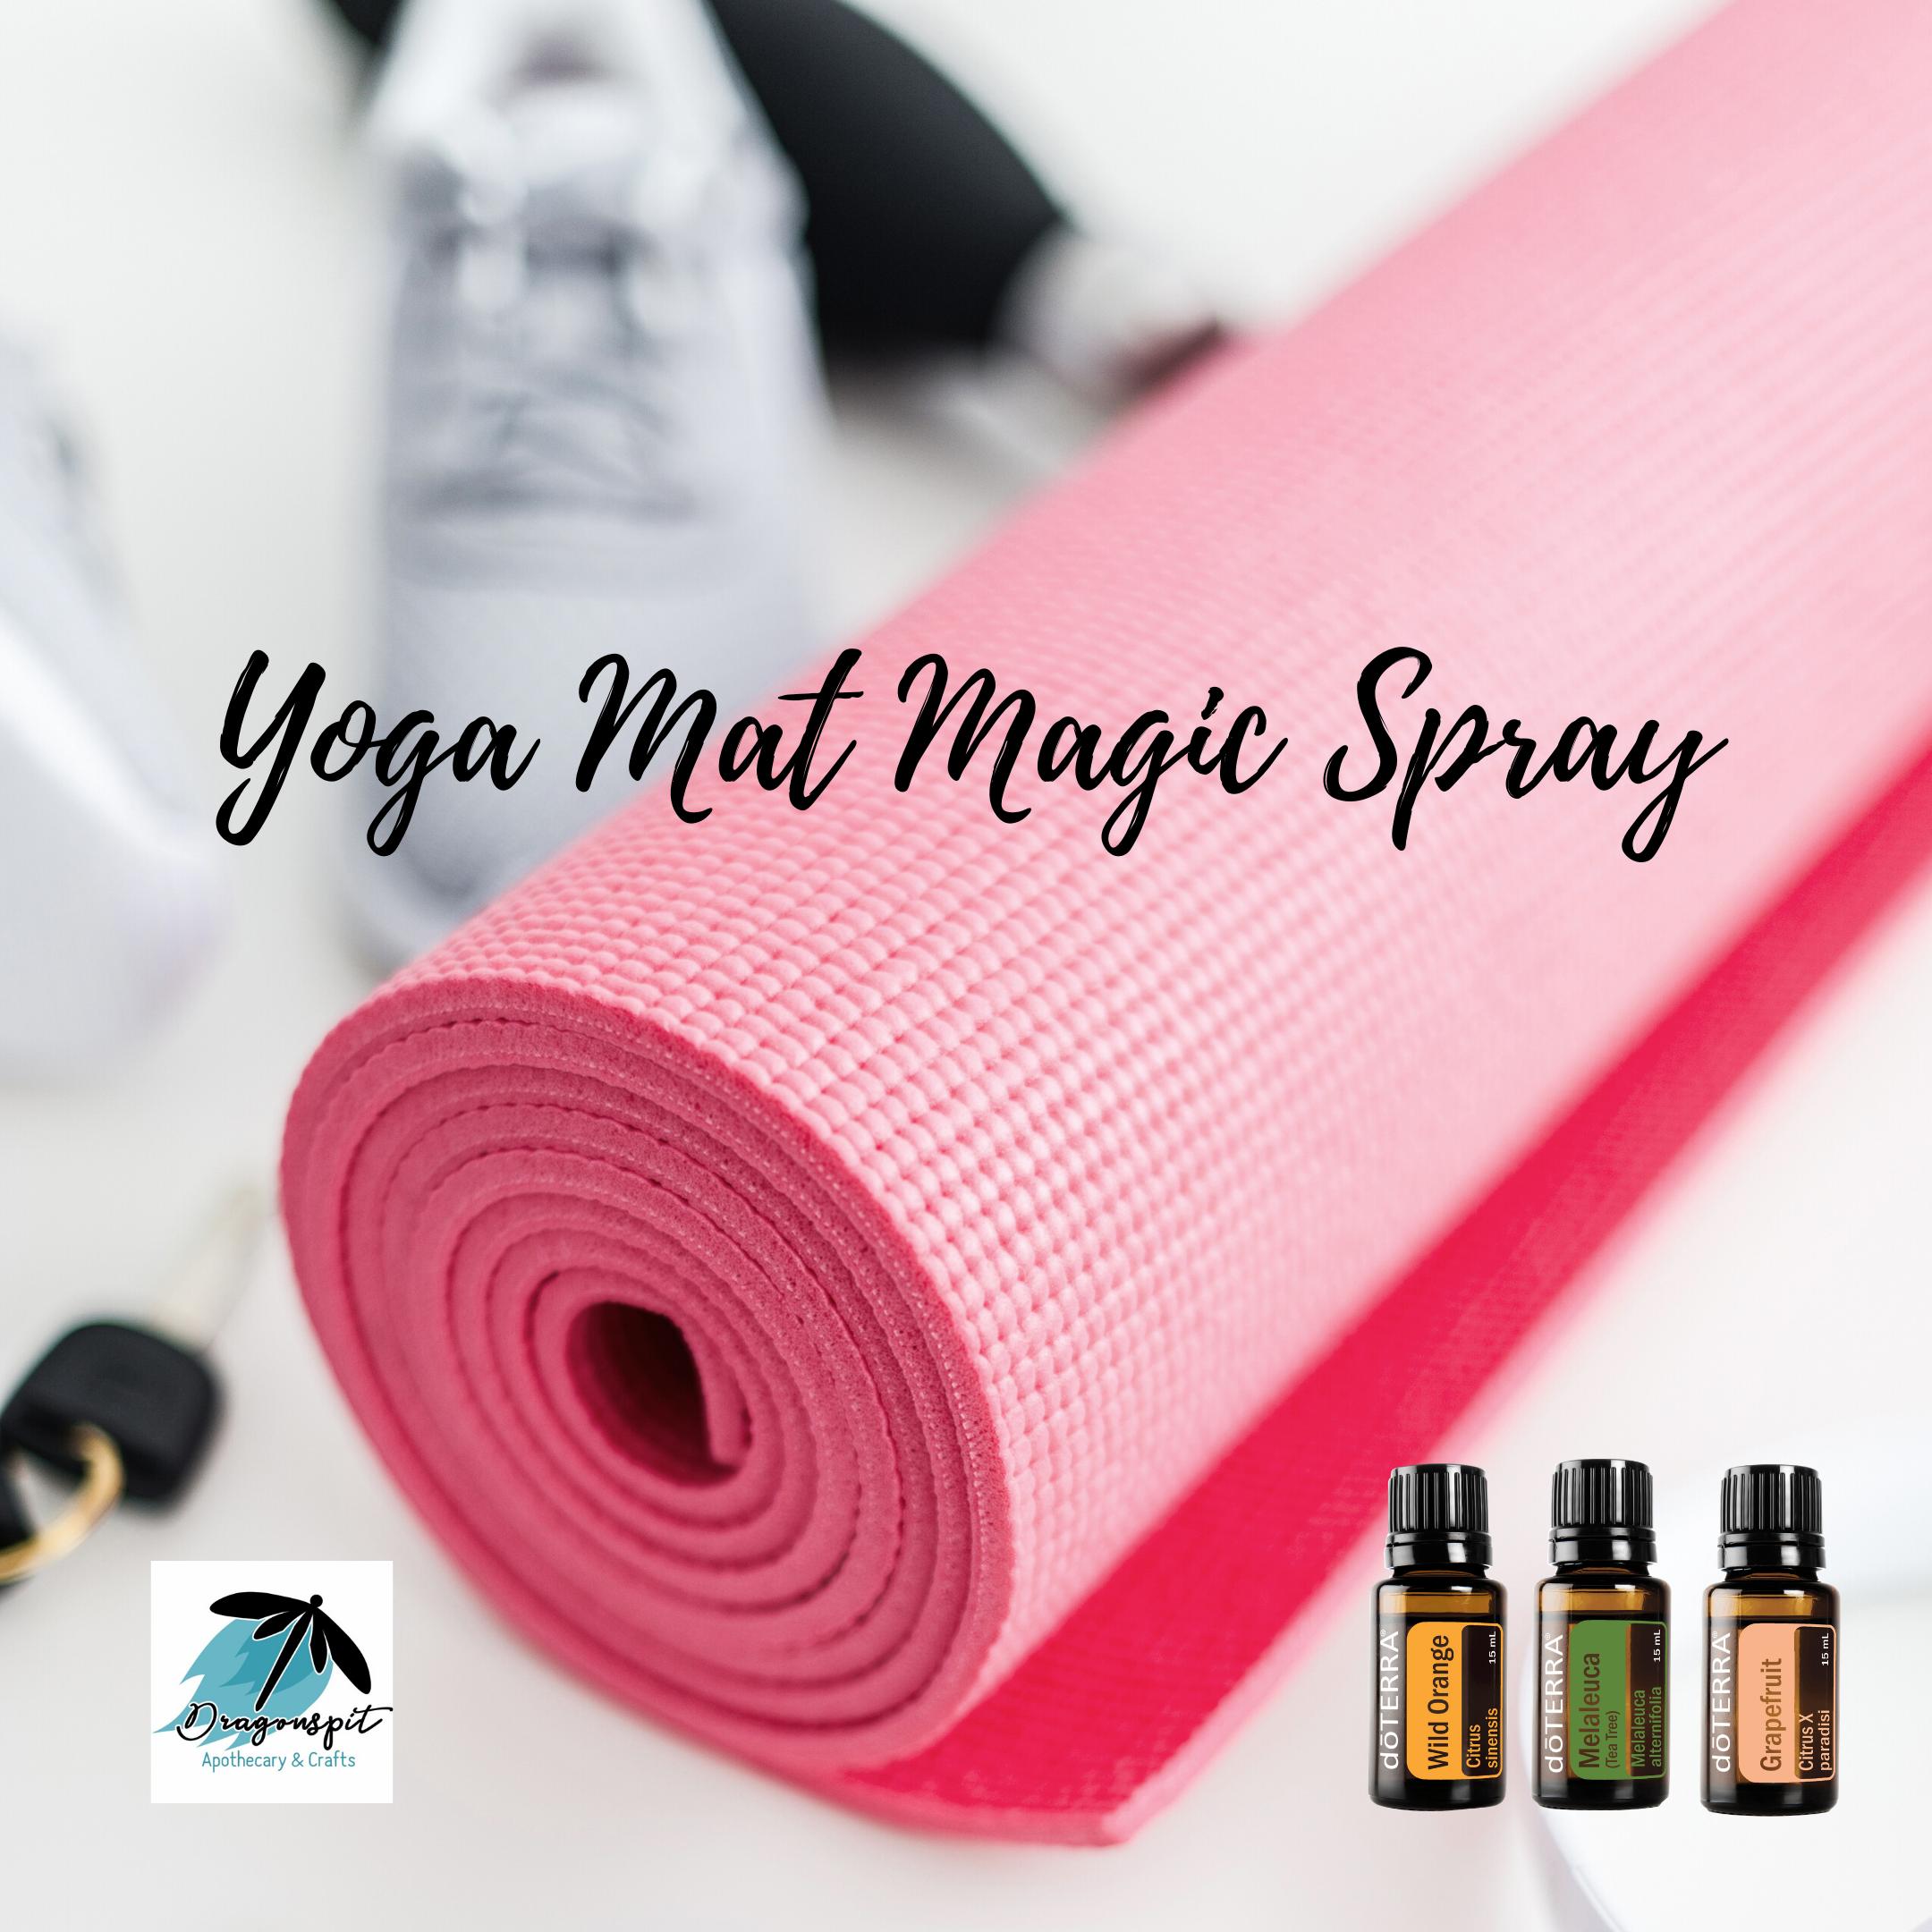 Yoga Mat Magic Spray.png